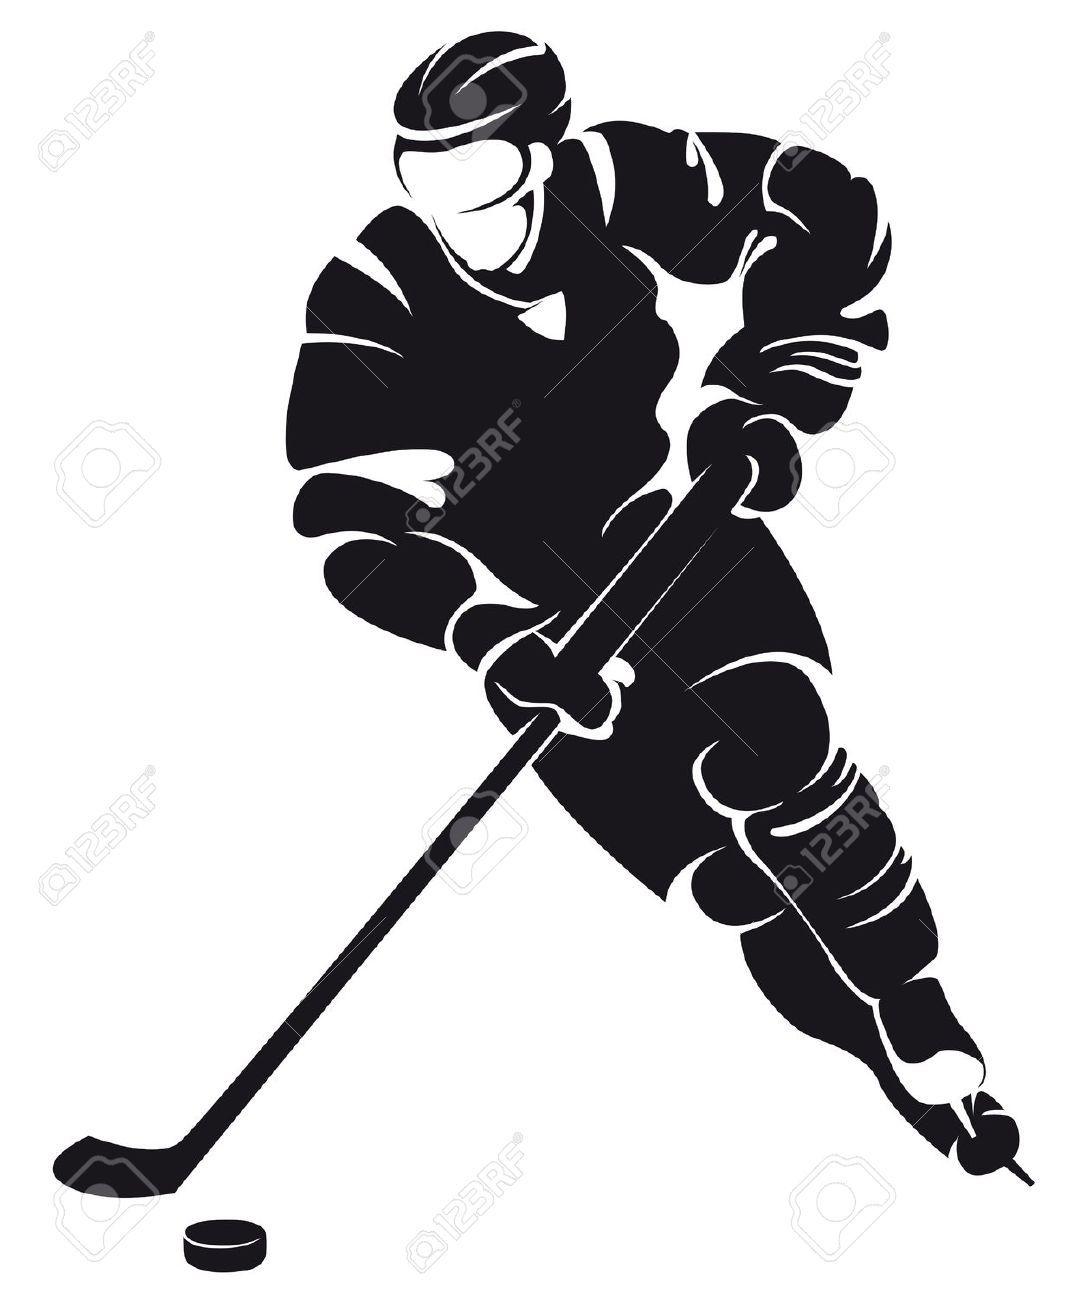 Hockey clipart vector free.